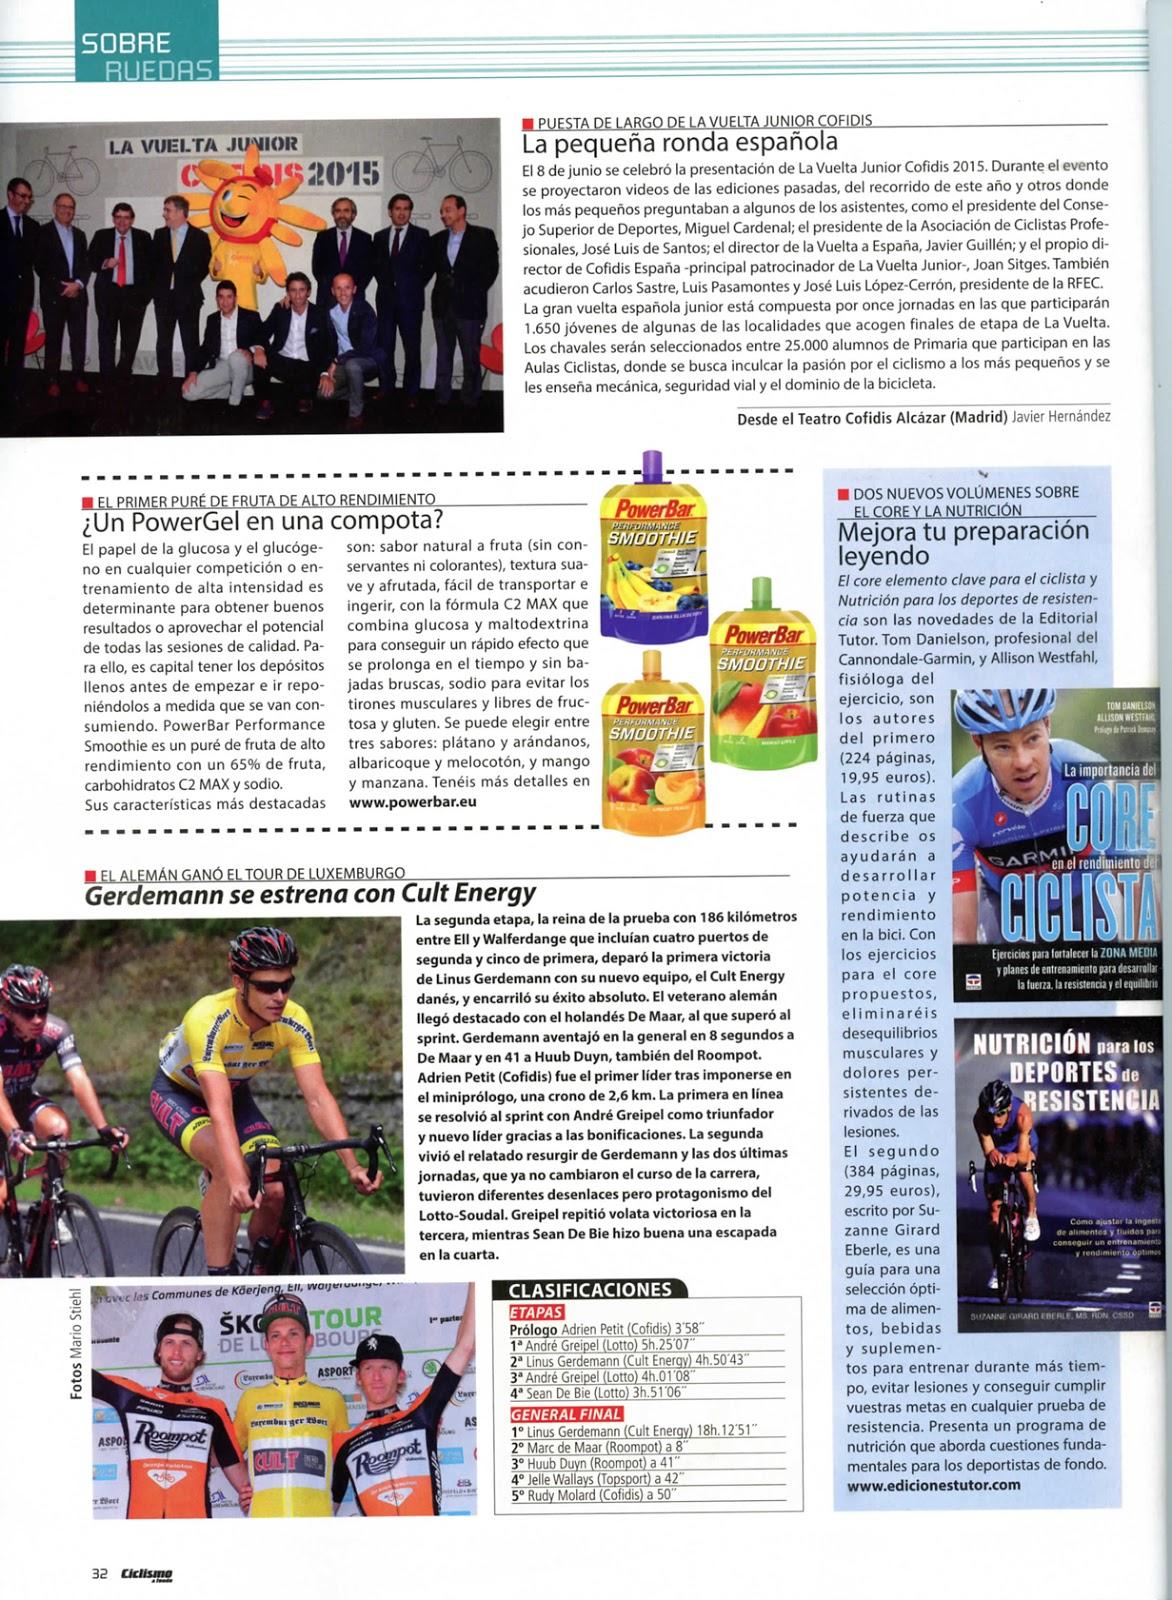 Reseña del libro Guía para el corredor de montaña Trail Running en el  número de julio 2015 de la Revista Trailrun.